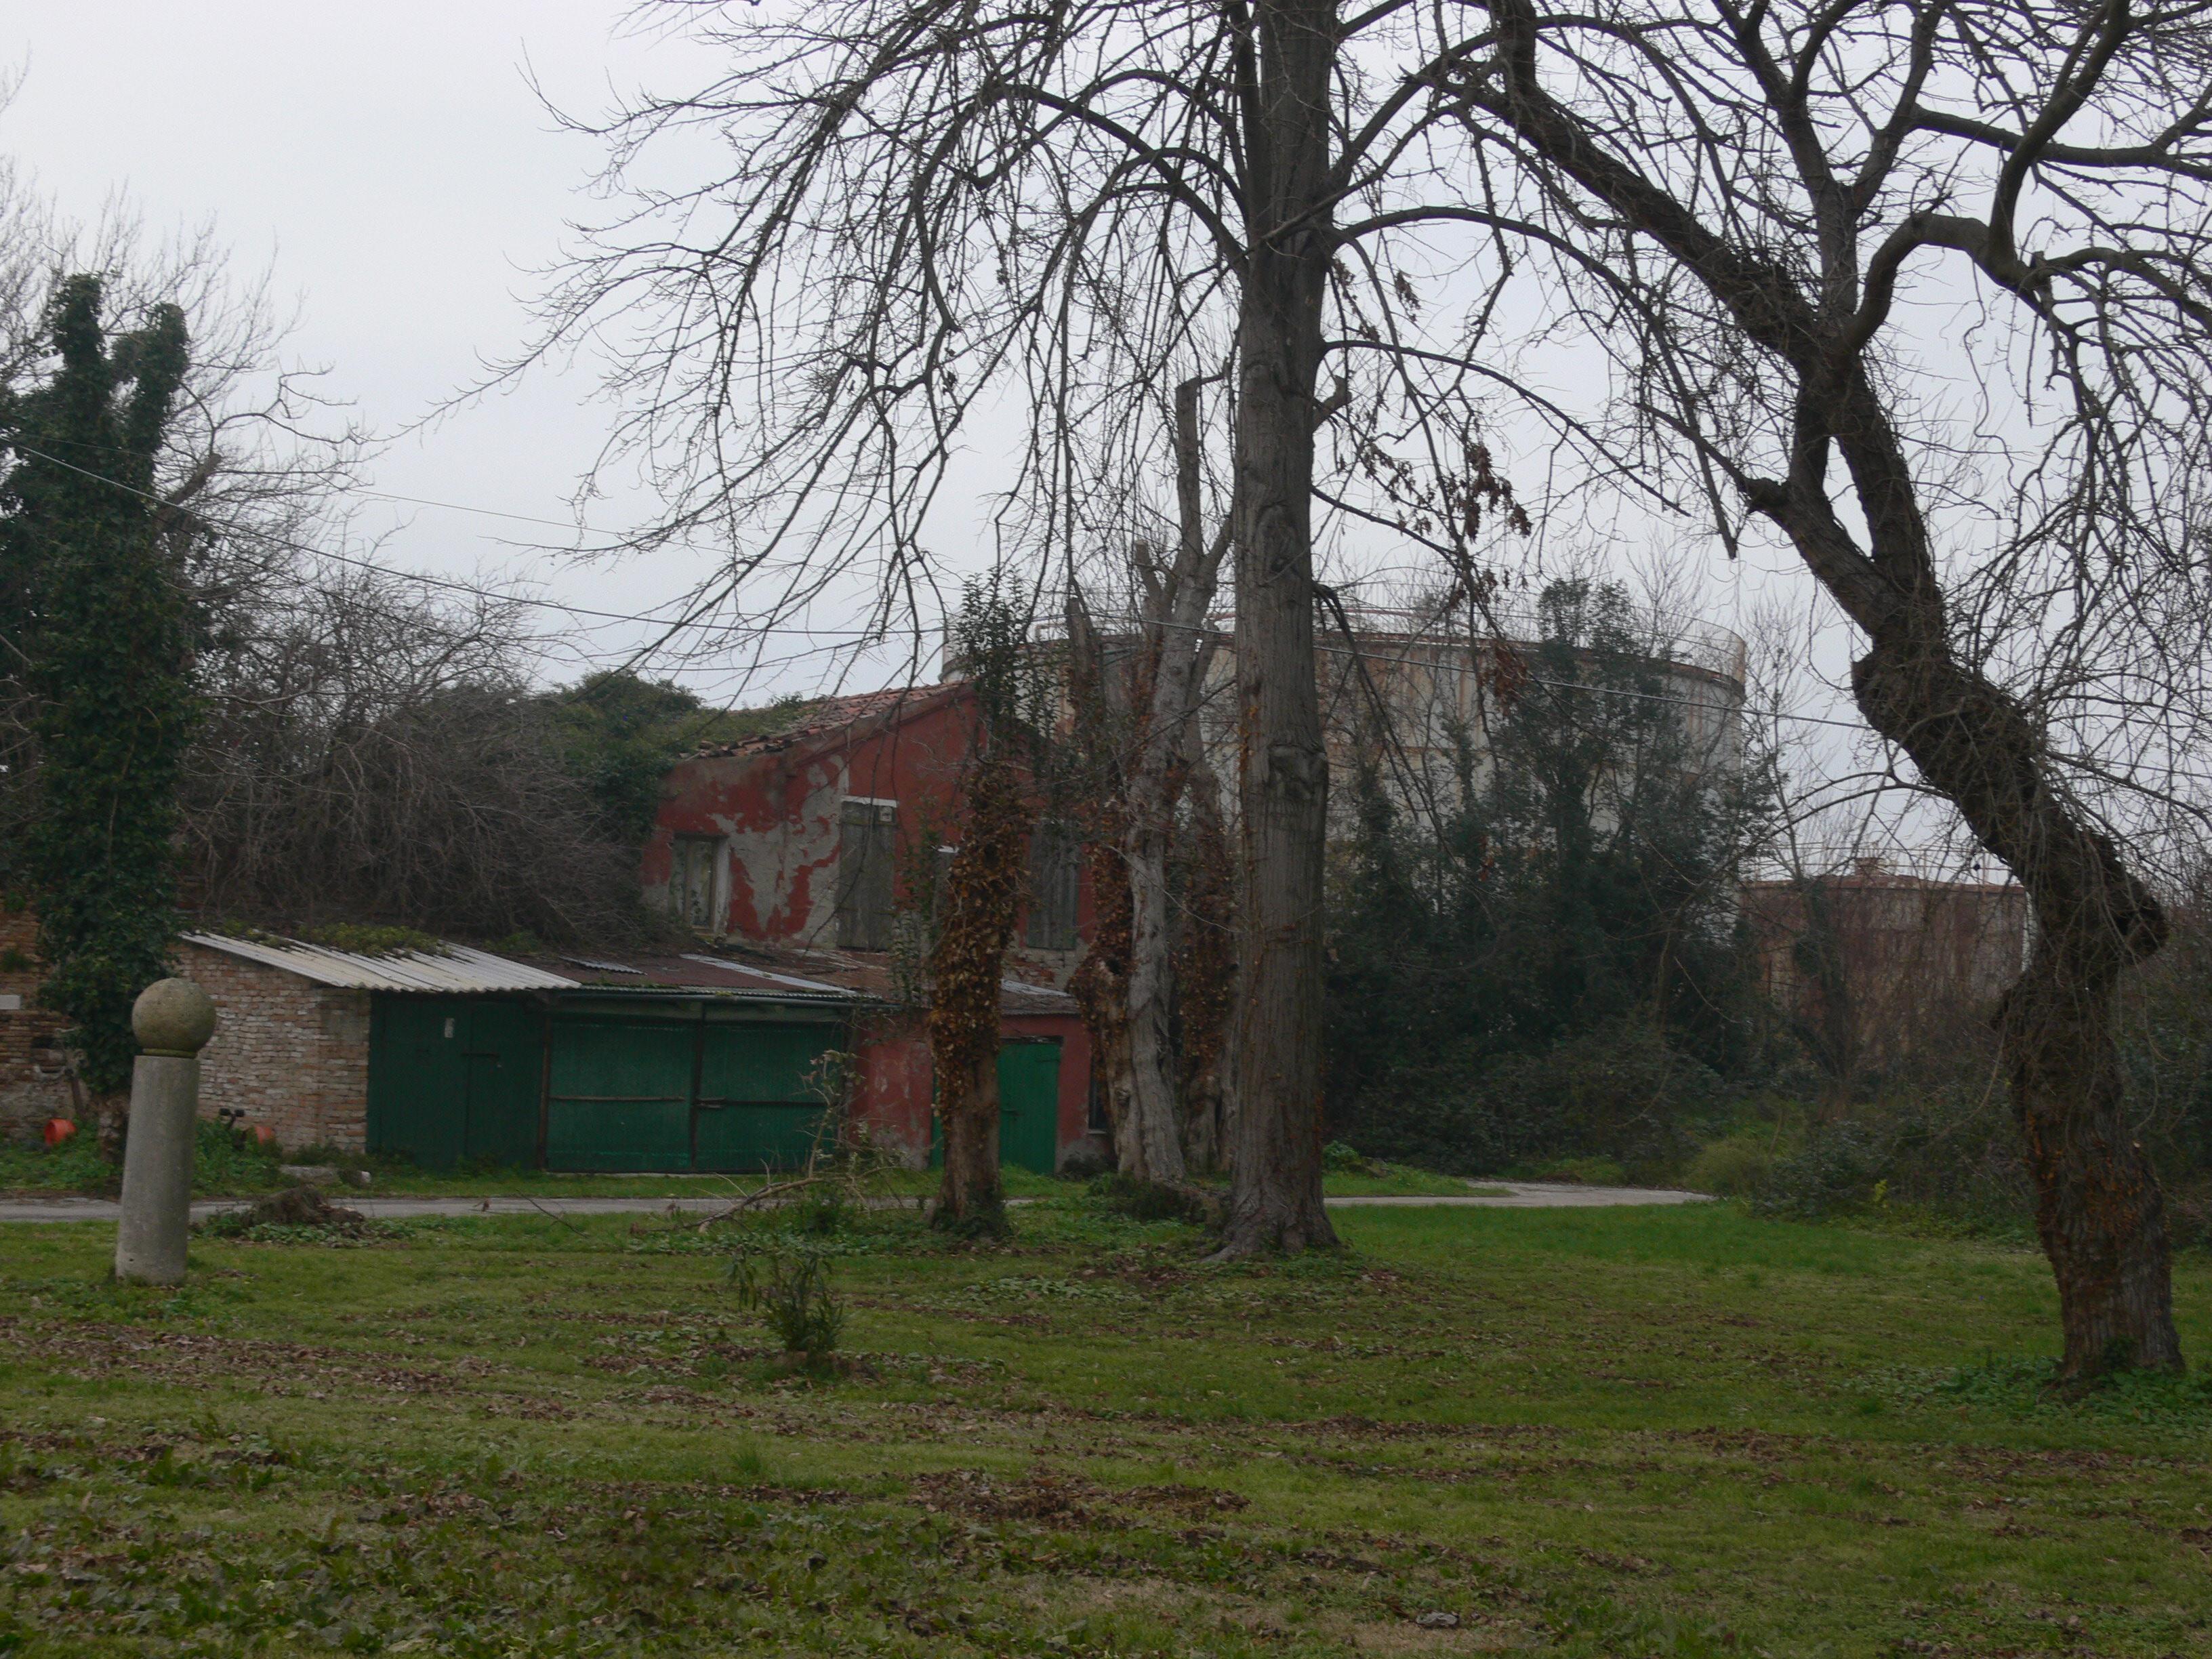 https://upload.wikimedia.org/wikipedia/commons/e/e2/Lido_di_Venezia_-_Residence_Soggiorno_Marino%2C_Marina_Militare_-_gardens.JPG